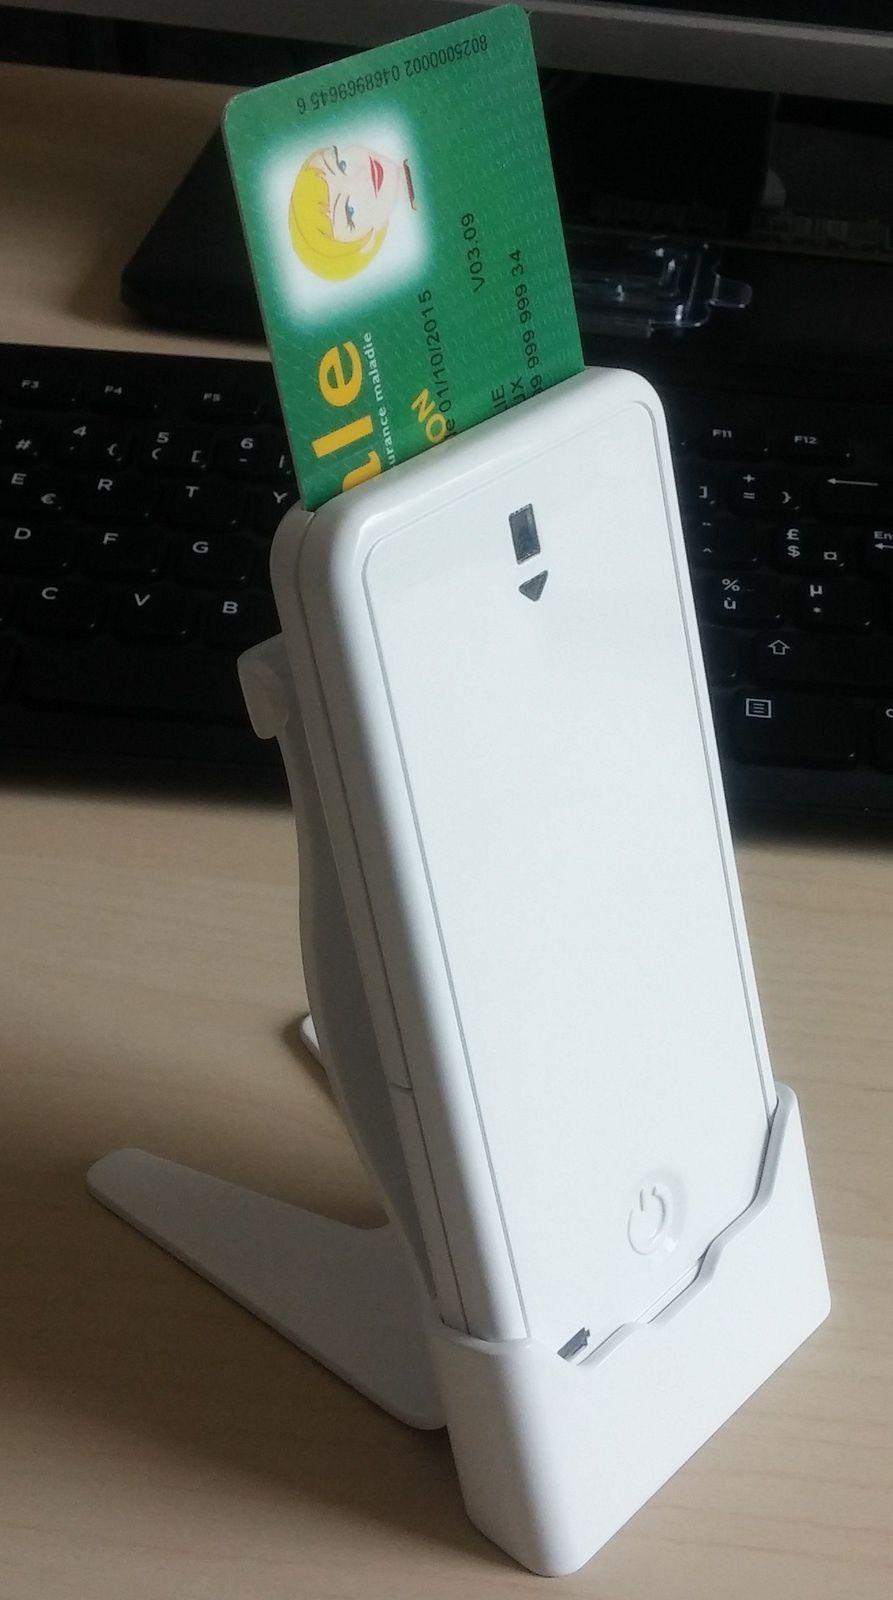 Un lecteur de cartes CPS et Vitale pour des applications sur smartphone et tablette